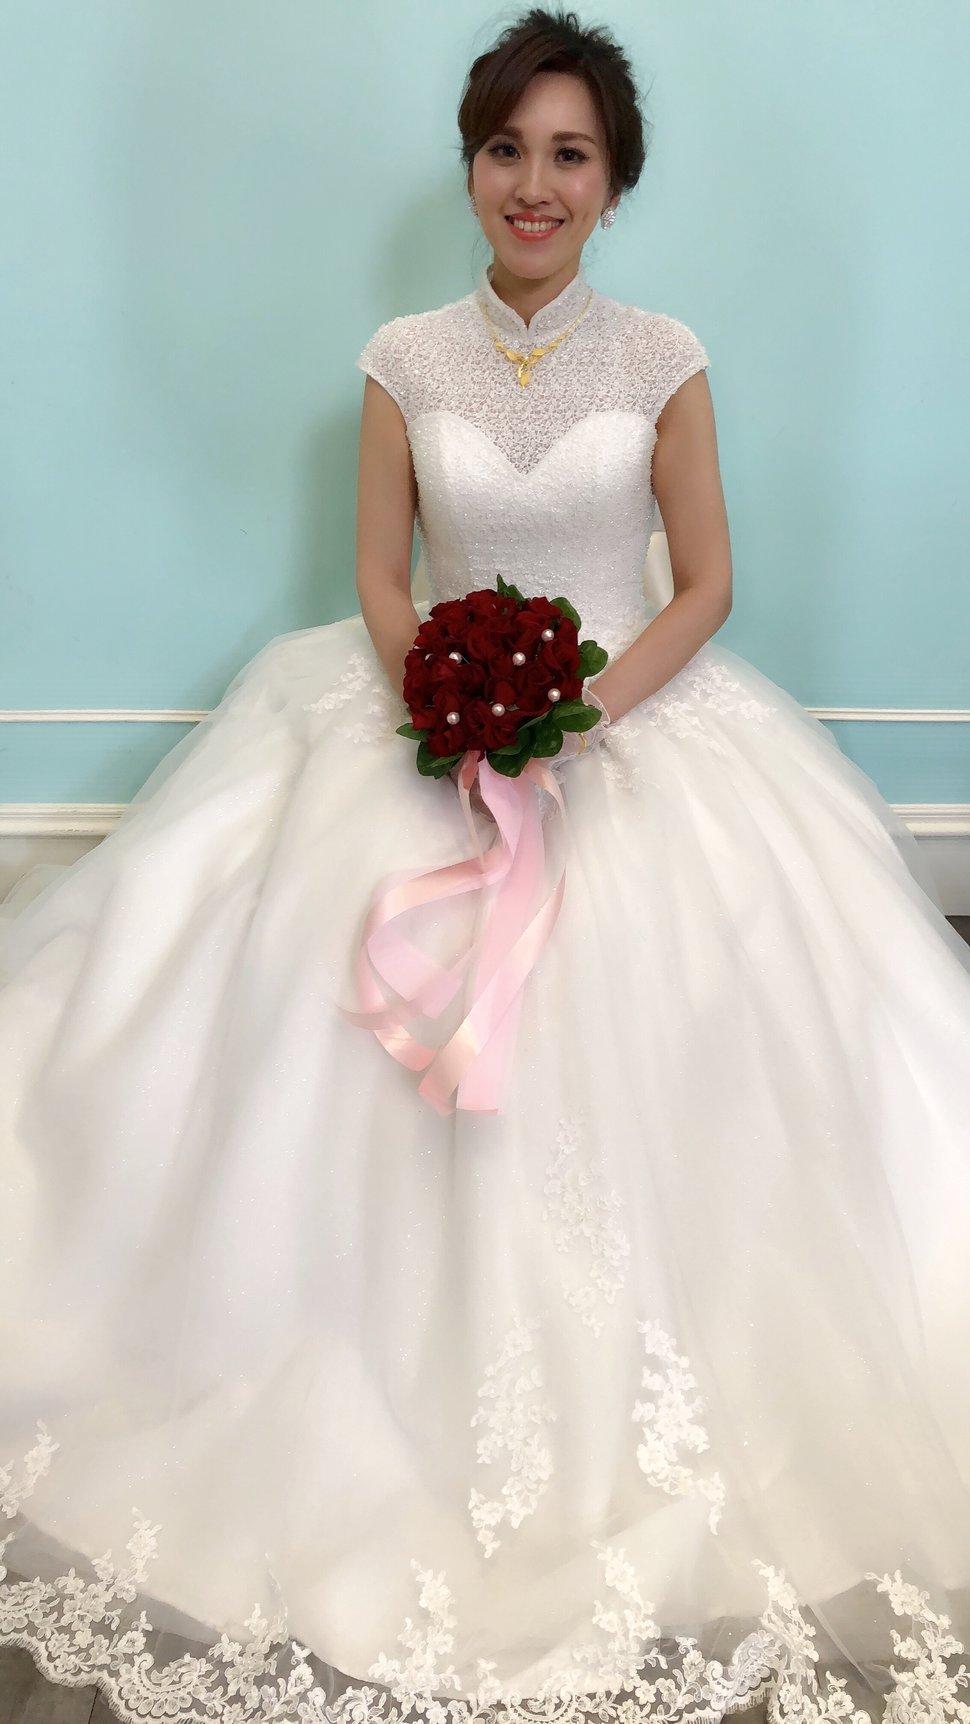 1962E1EB-ED61-4512-8228-02CF9CEC25B2 - 新娘秘書 樓樓 - 結婚吧